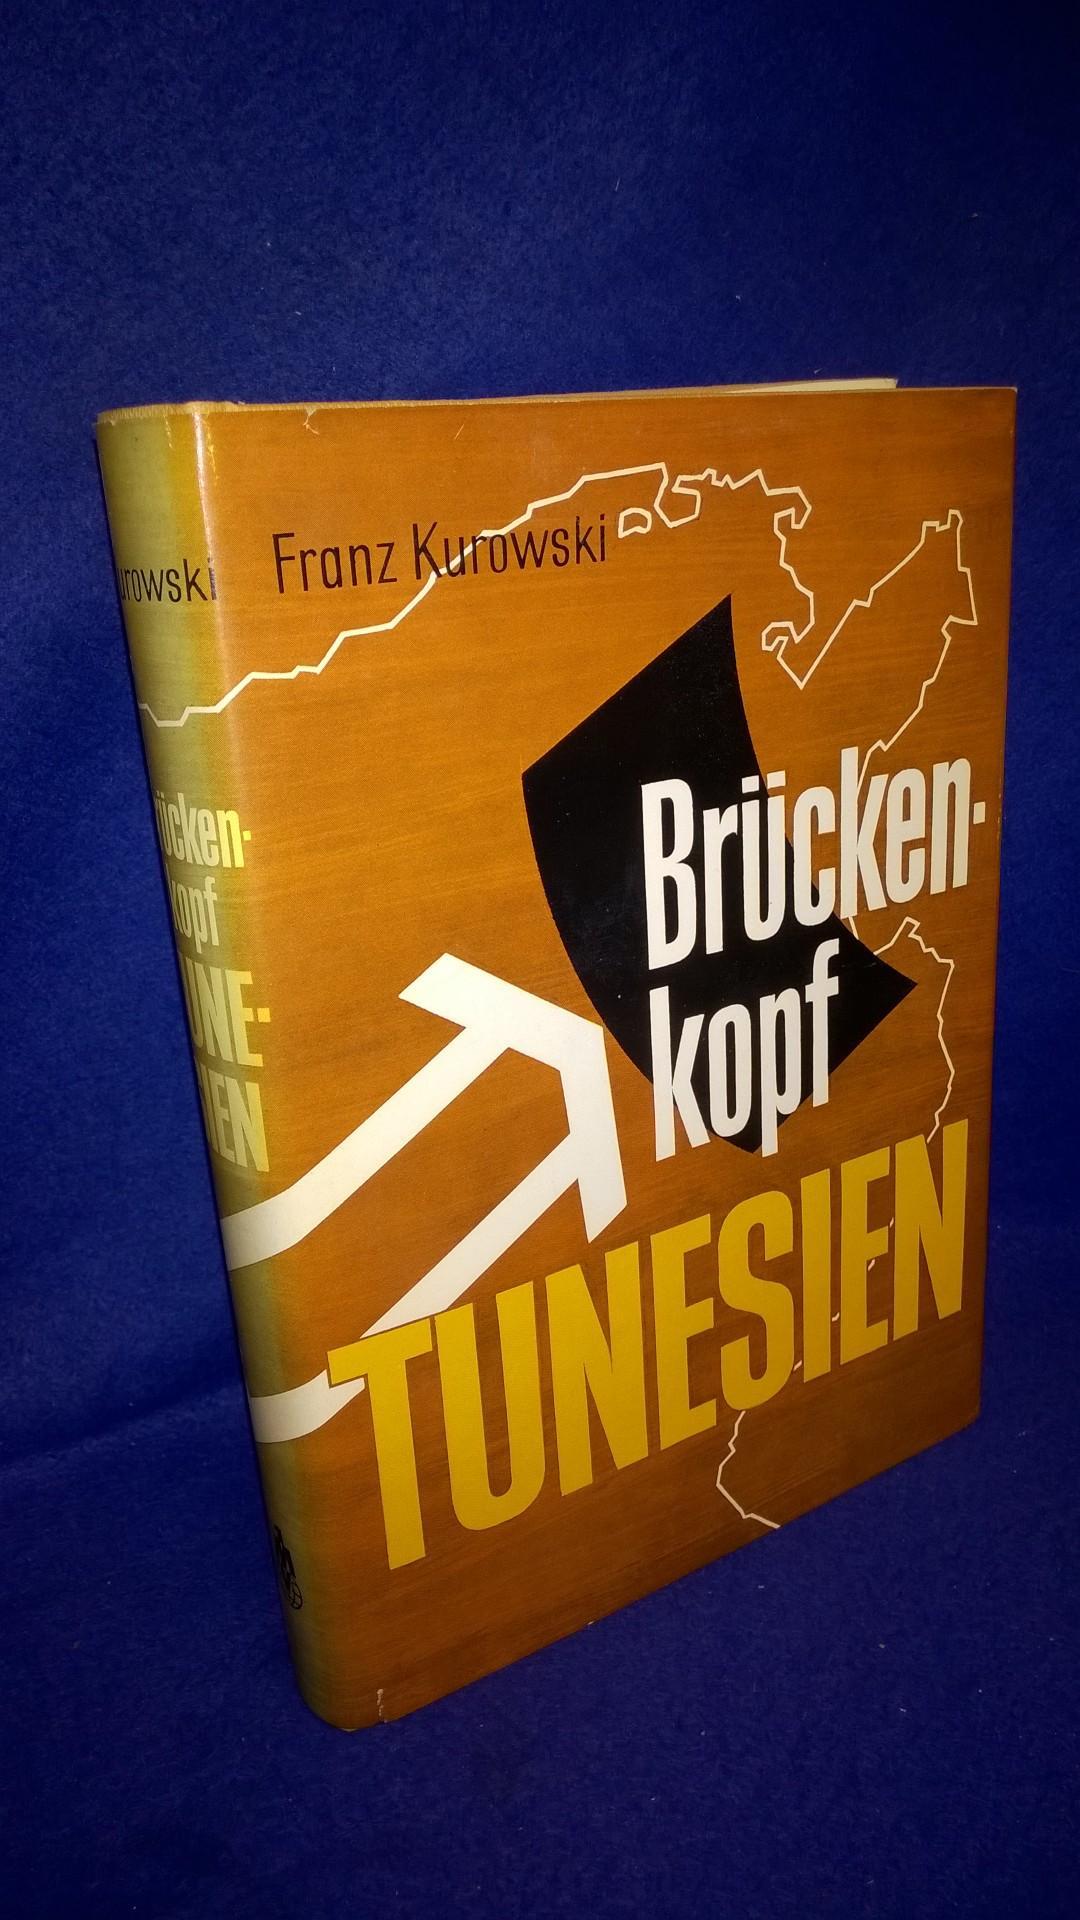 Brückenkopf Tunis. Das Deutsche Afrika-Korps in Tunesien.